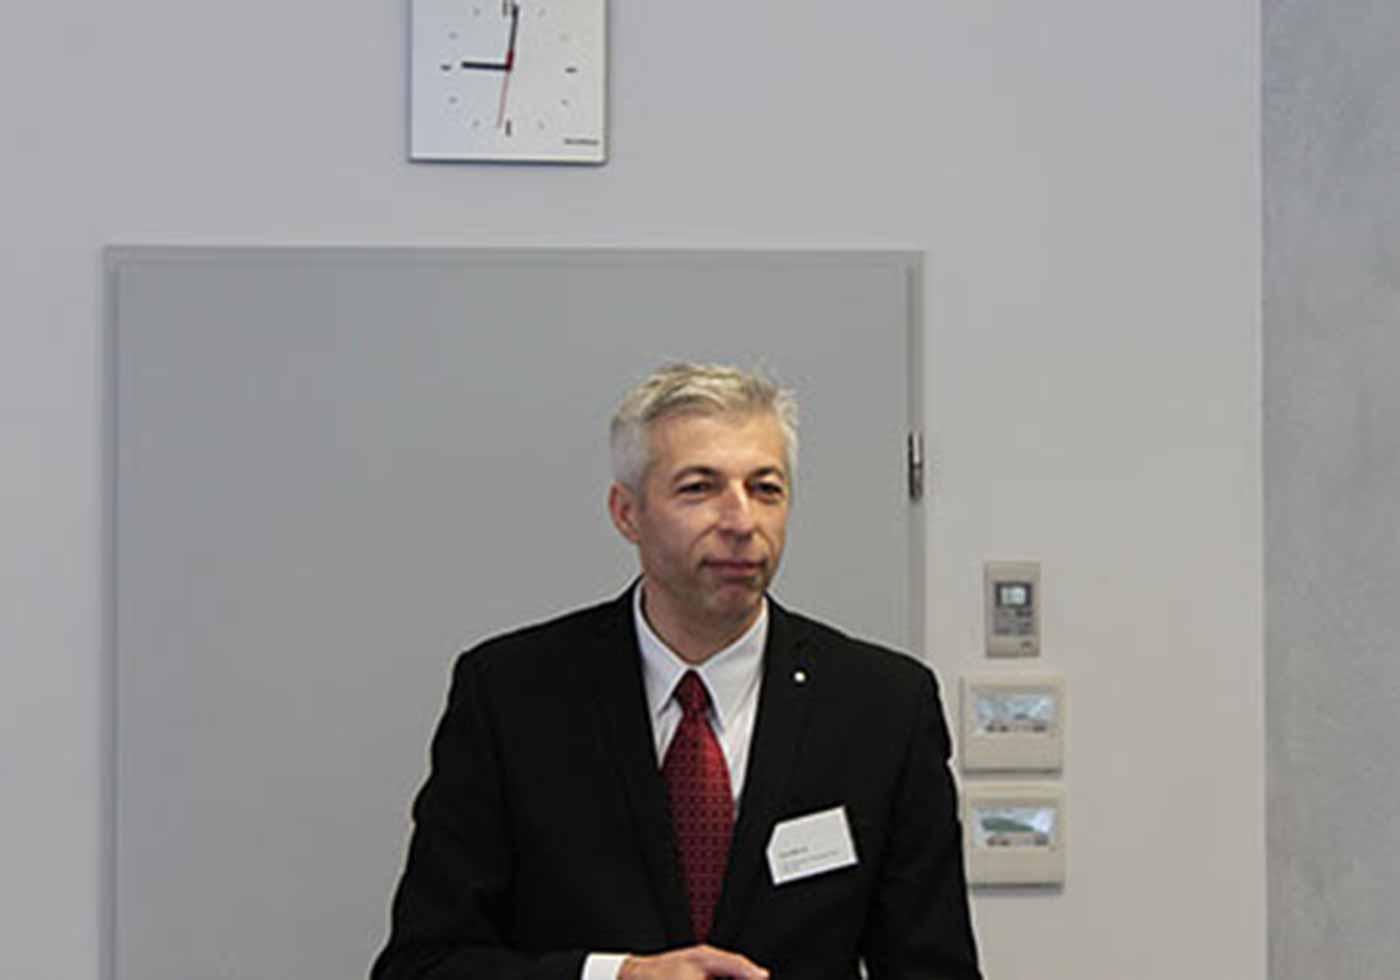 Gerd Maurer sprach im Rahmen einer Veranstaltung der AGI Süd